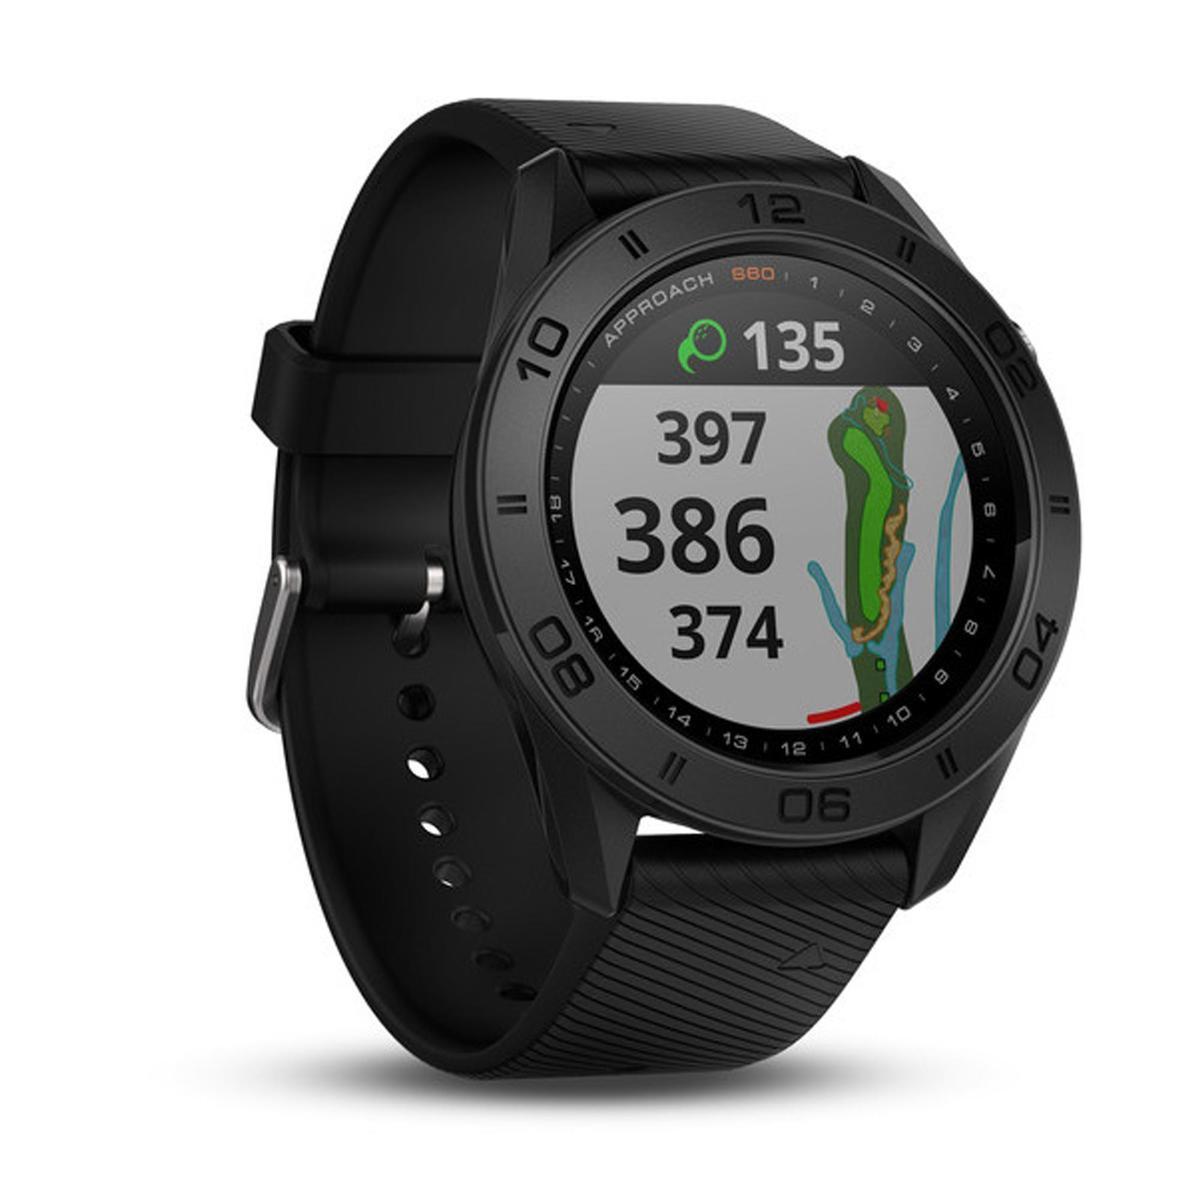 Bild 1 von Golf GPS-Uhr Approach S60 schwarz